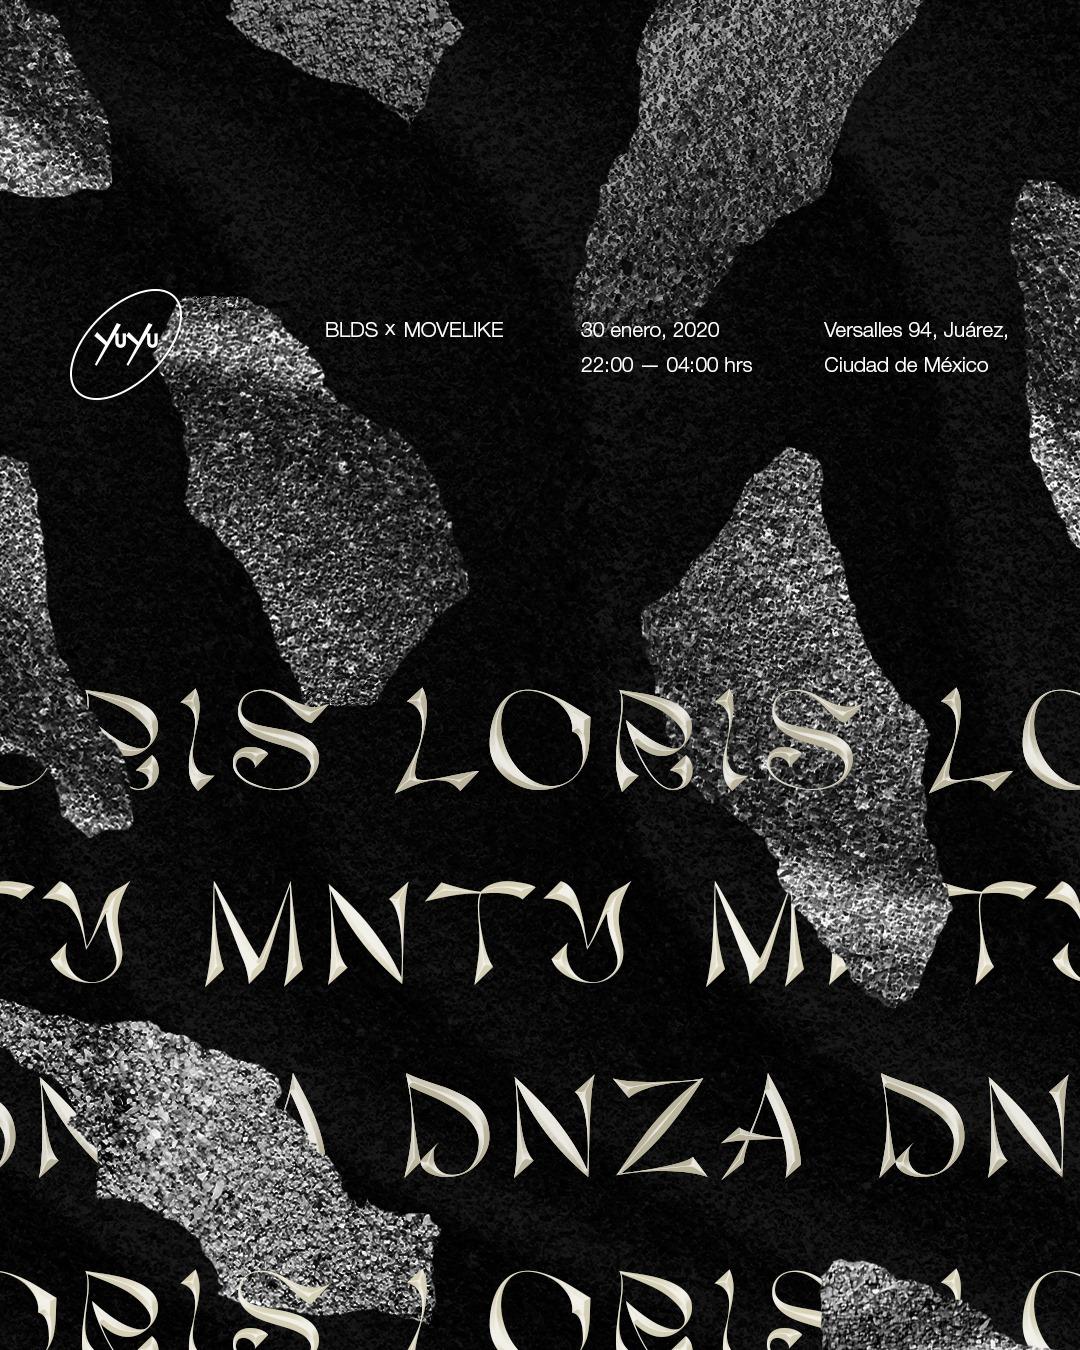 Loris @ CDMX artwork